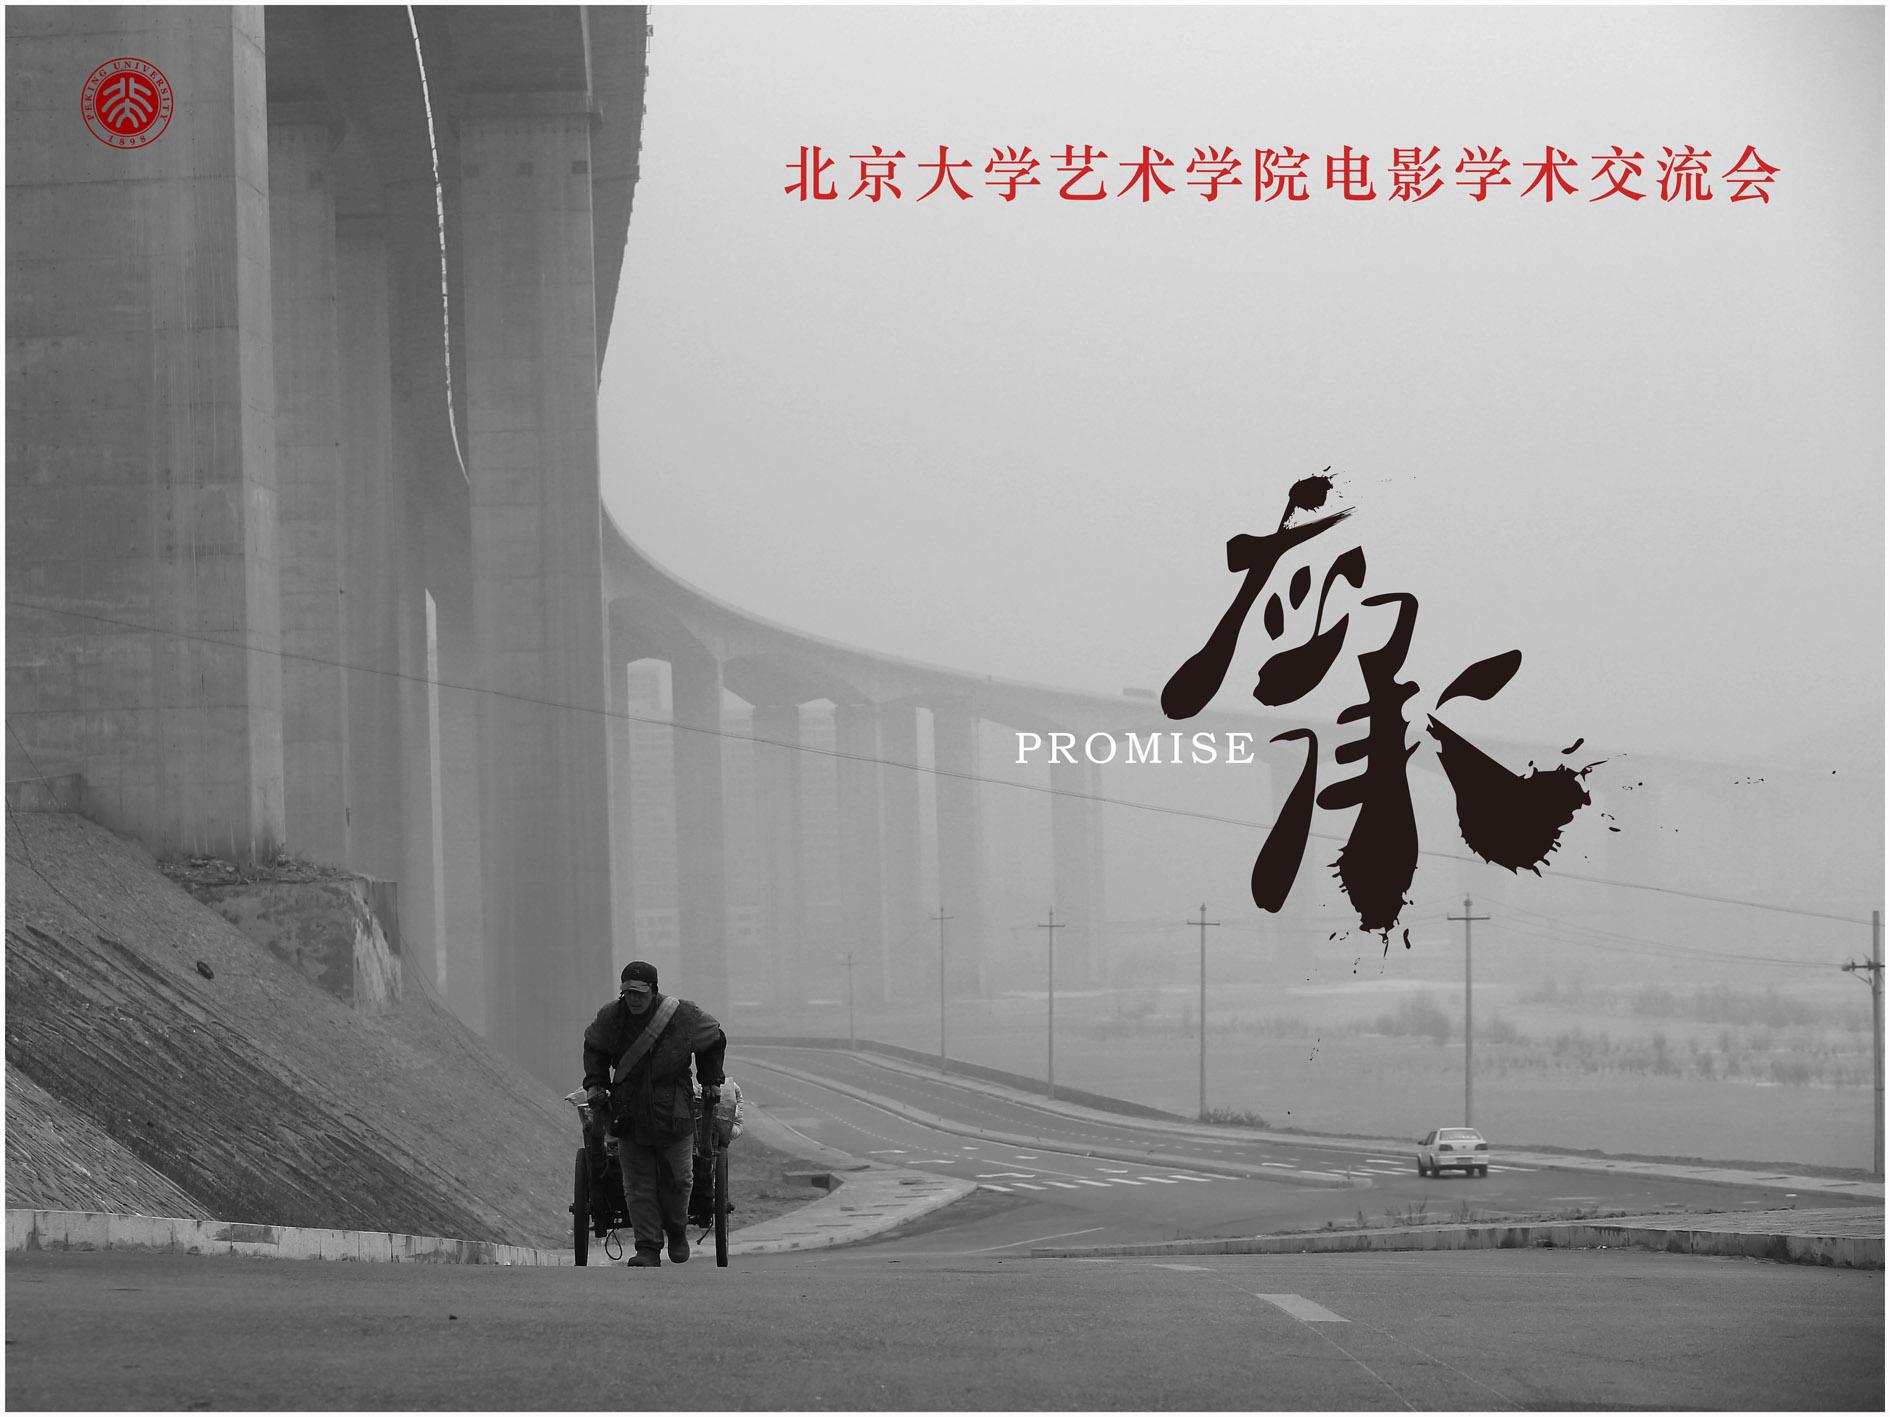 《应承》北大举行电影学术交流会 重视生命凝视灵魂